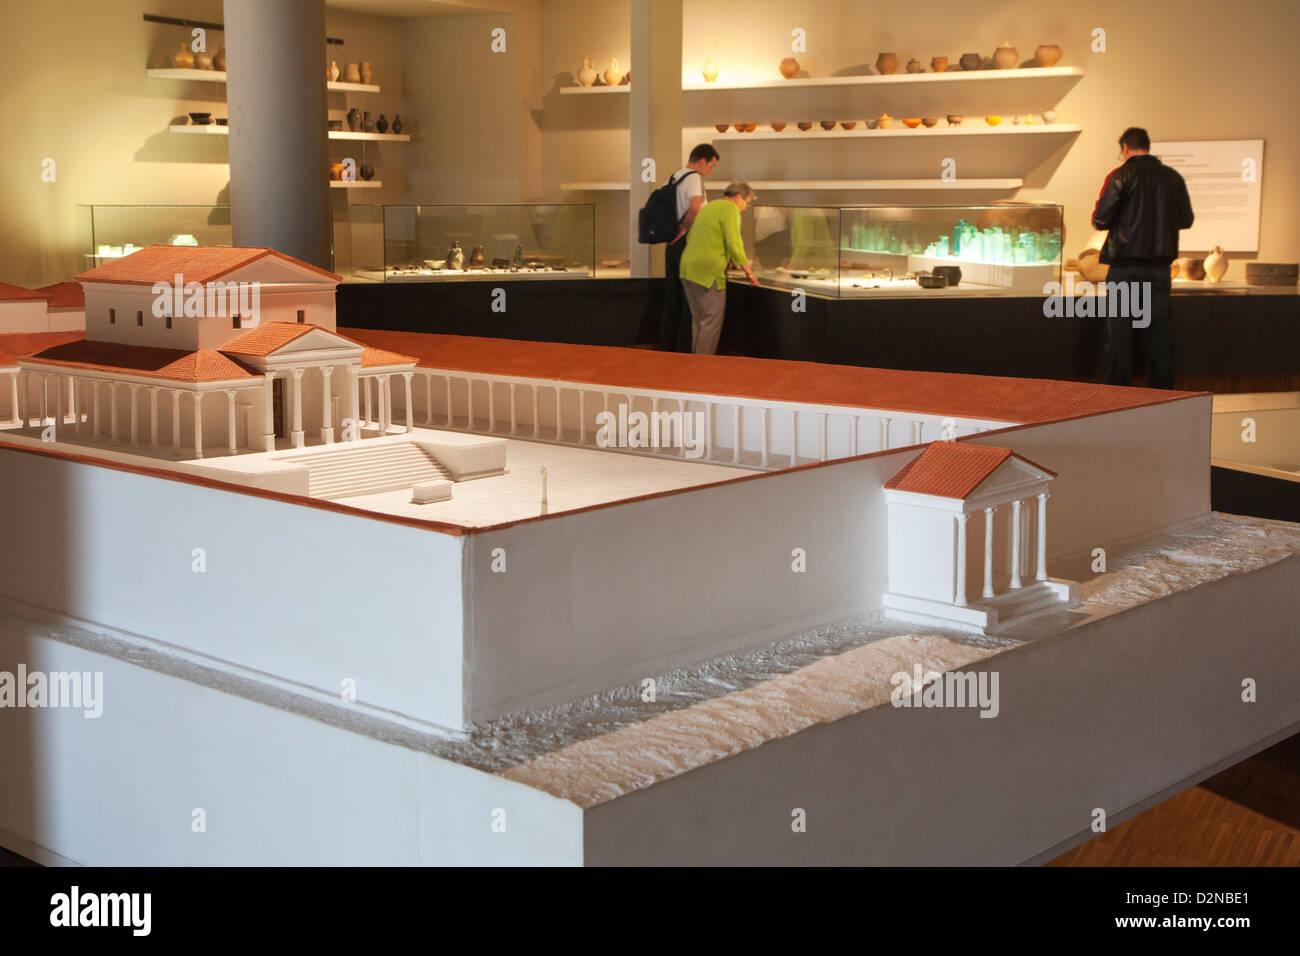 Replica of Roman temple complex at the Gallo-Roman Museum at Tongeren, Belgium - Stock Image